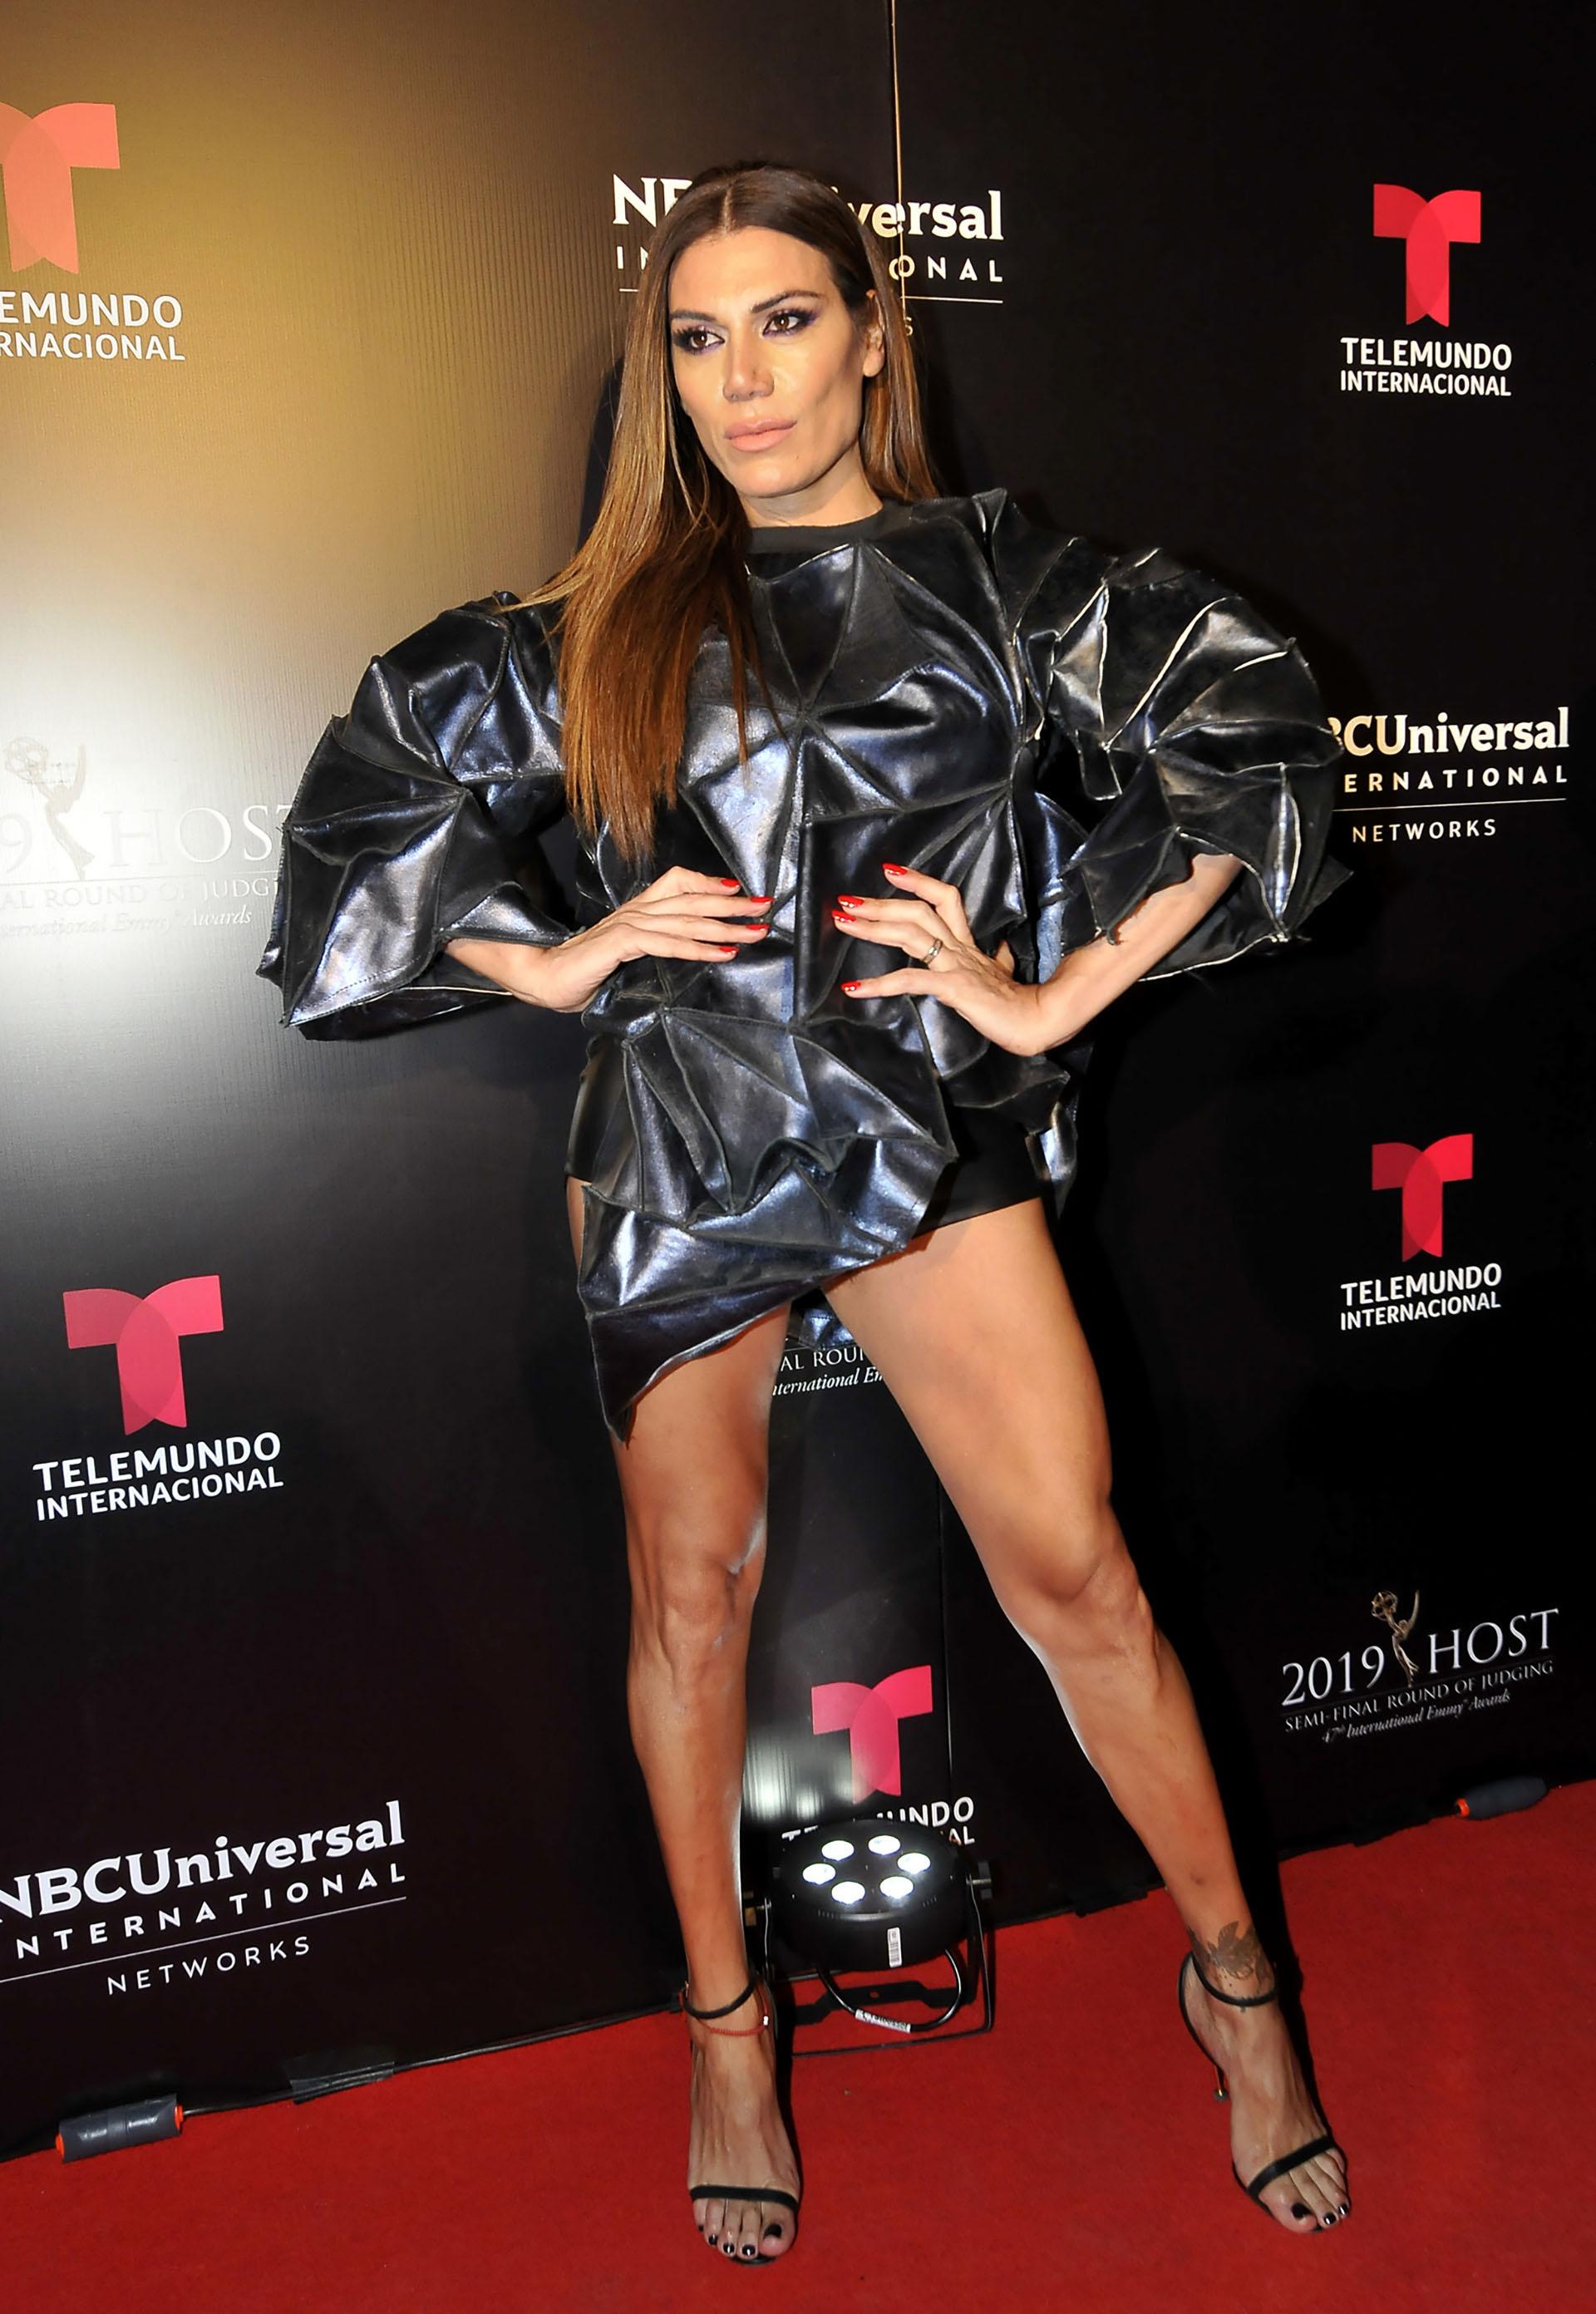 Flor de la V lució su vestido en los International Emmy Awards (Foto: Darío Batallan / Teleshow)